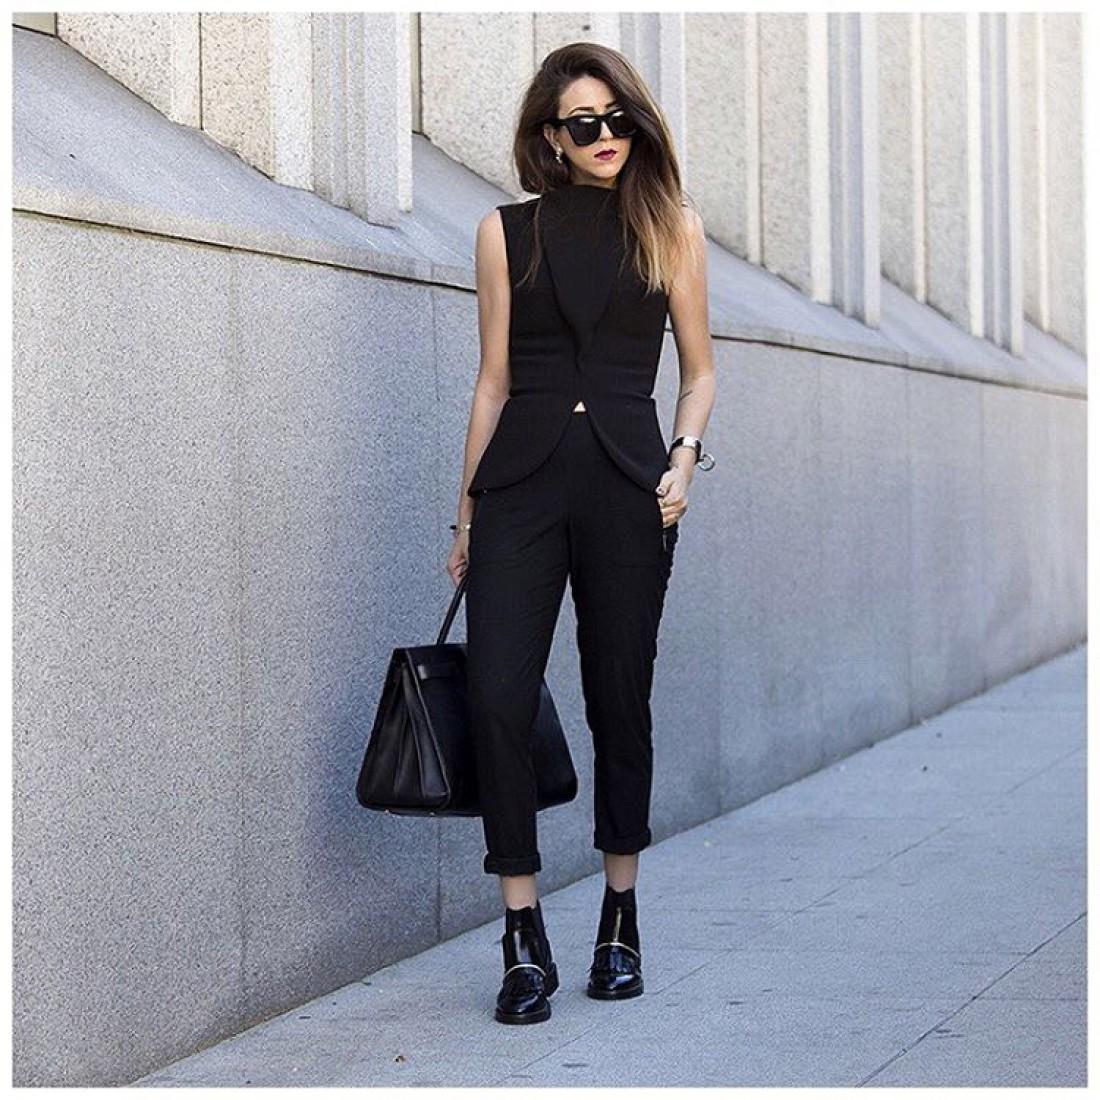 В черном невозможно выглядеть чересчур шикарно или слишком скромно